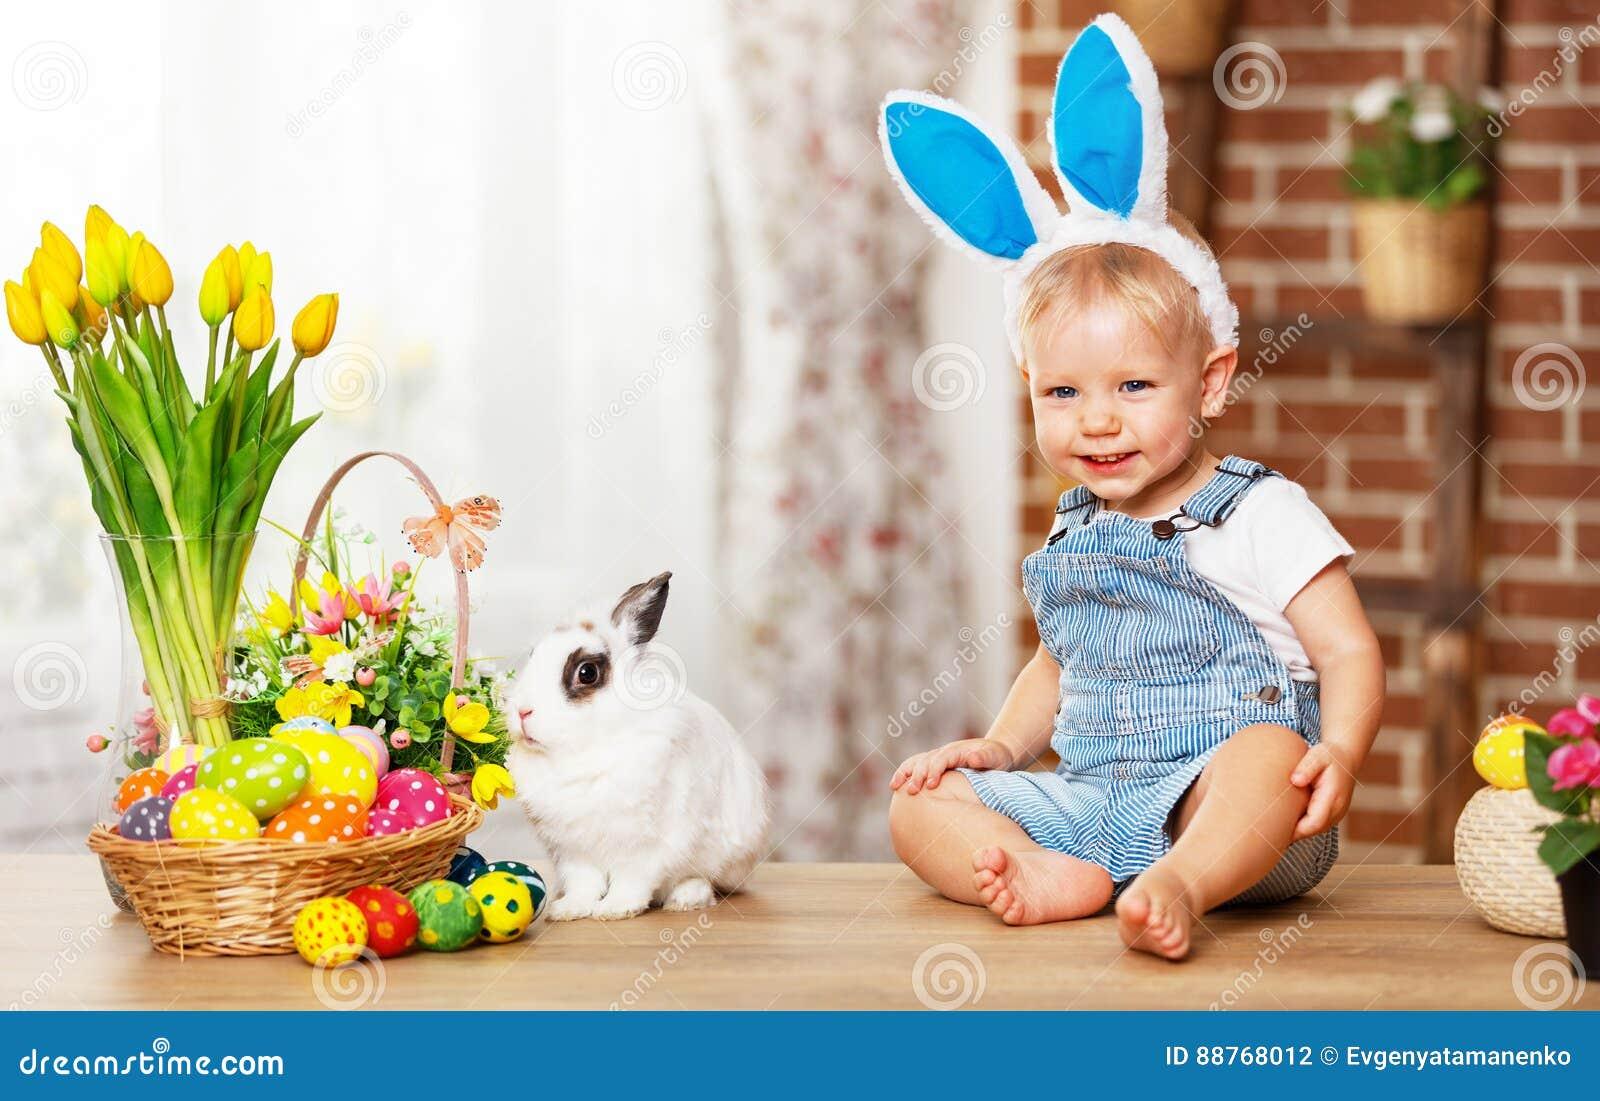 Fröhliche Ostern! glückliches lustiges Baby, das mit Häschen spielt